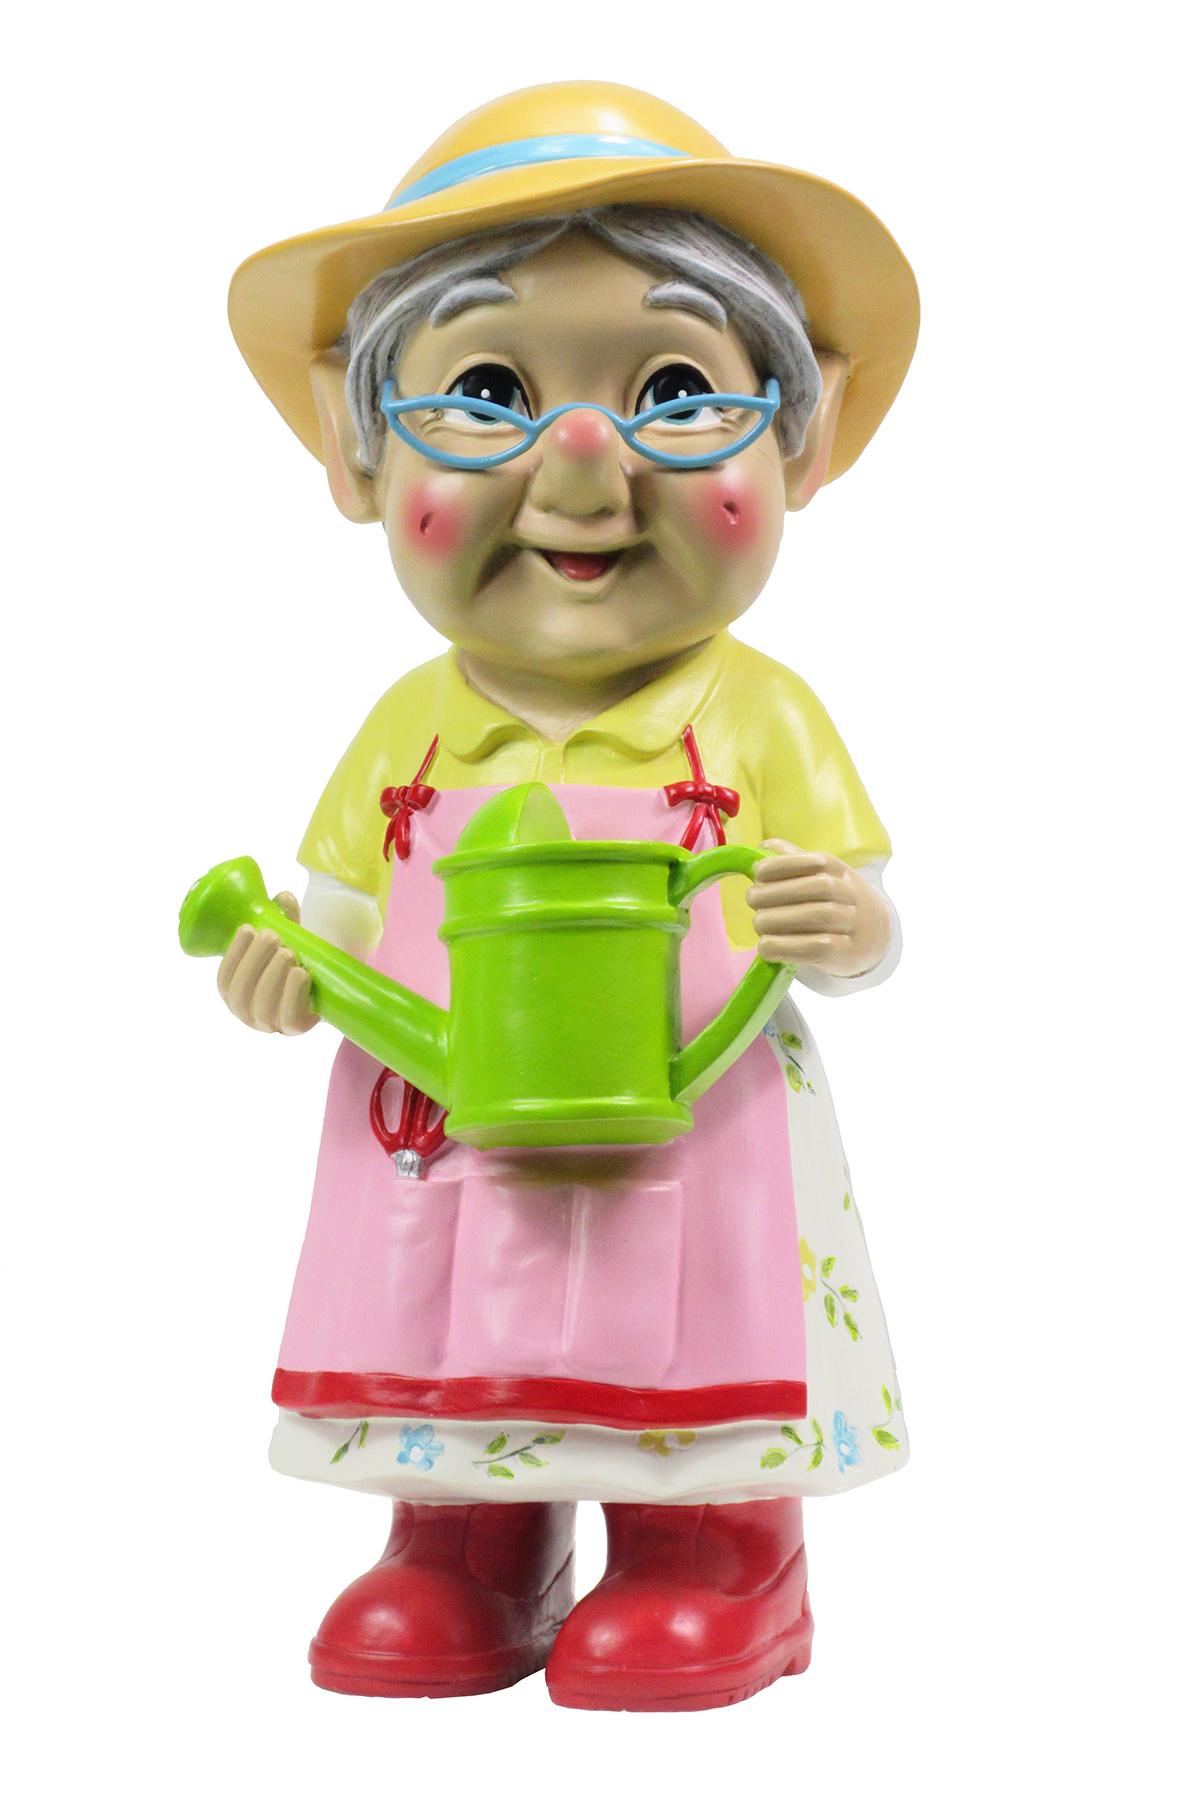 George Home Grandma Gnome.JPG